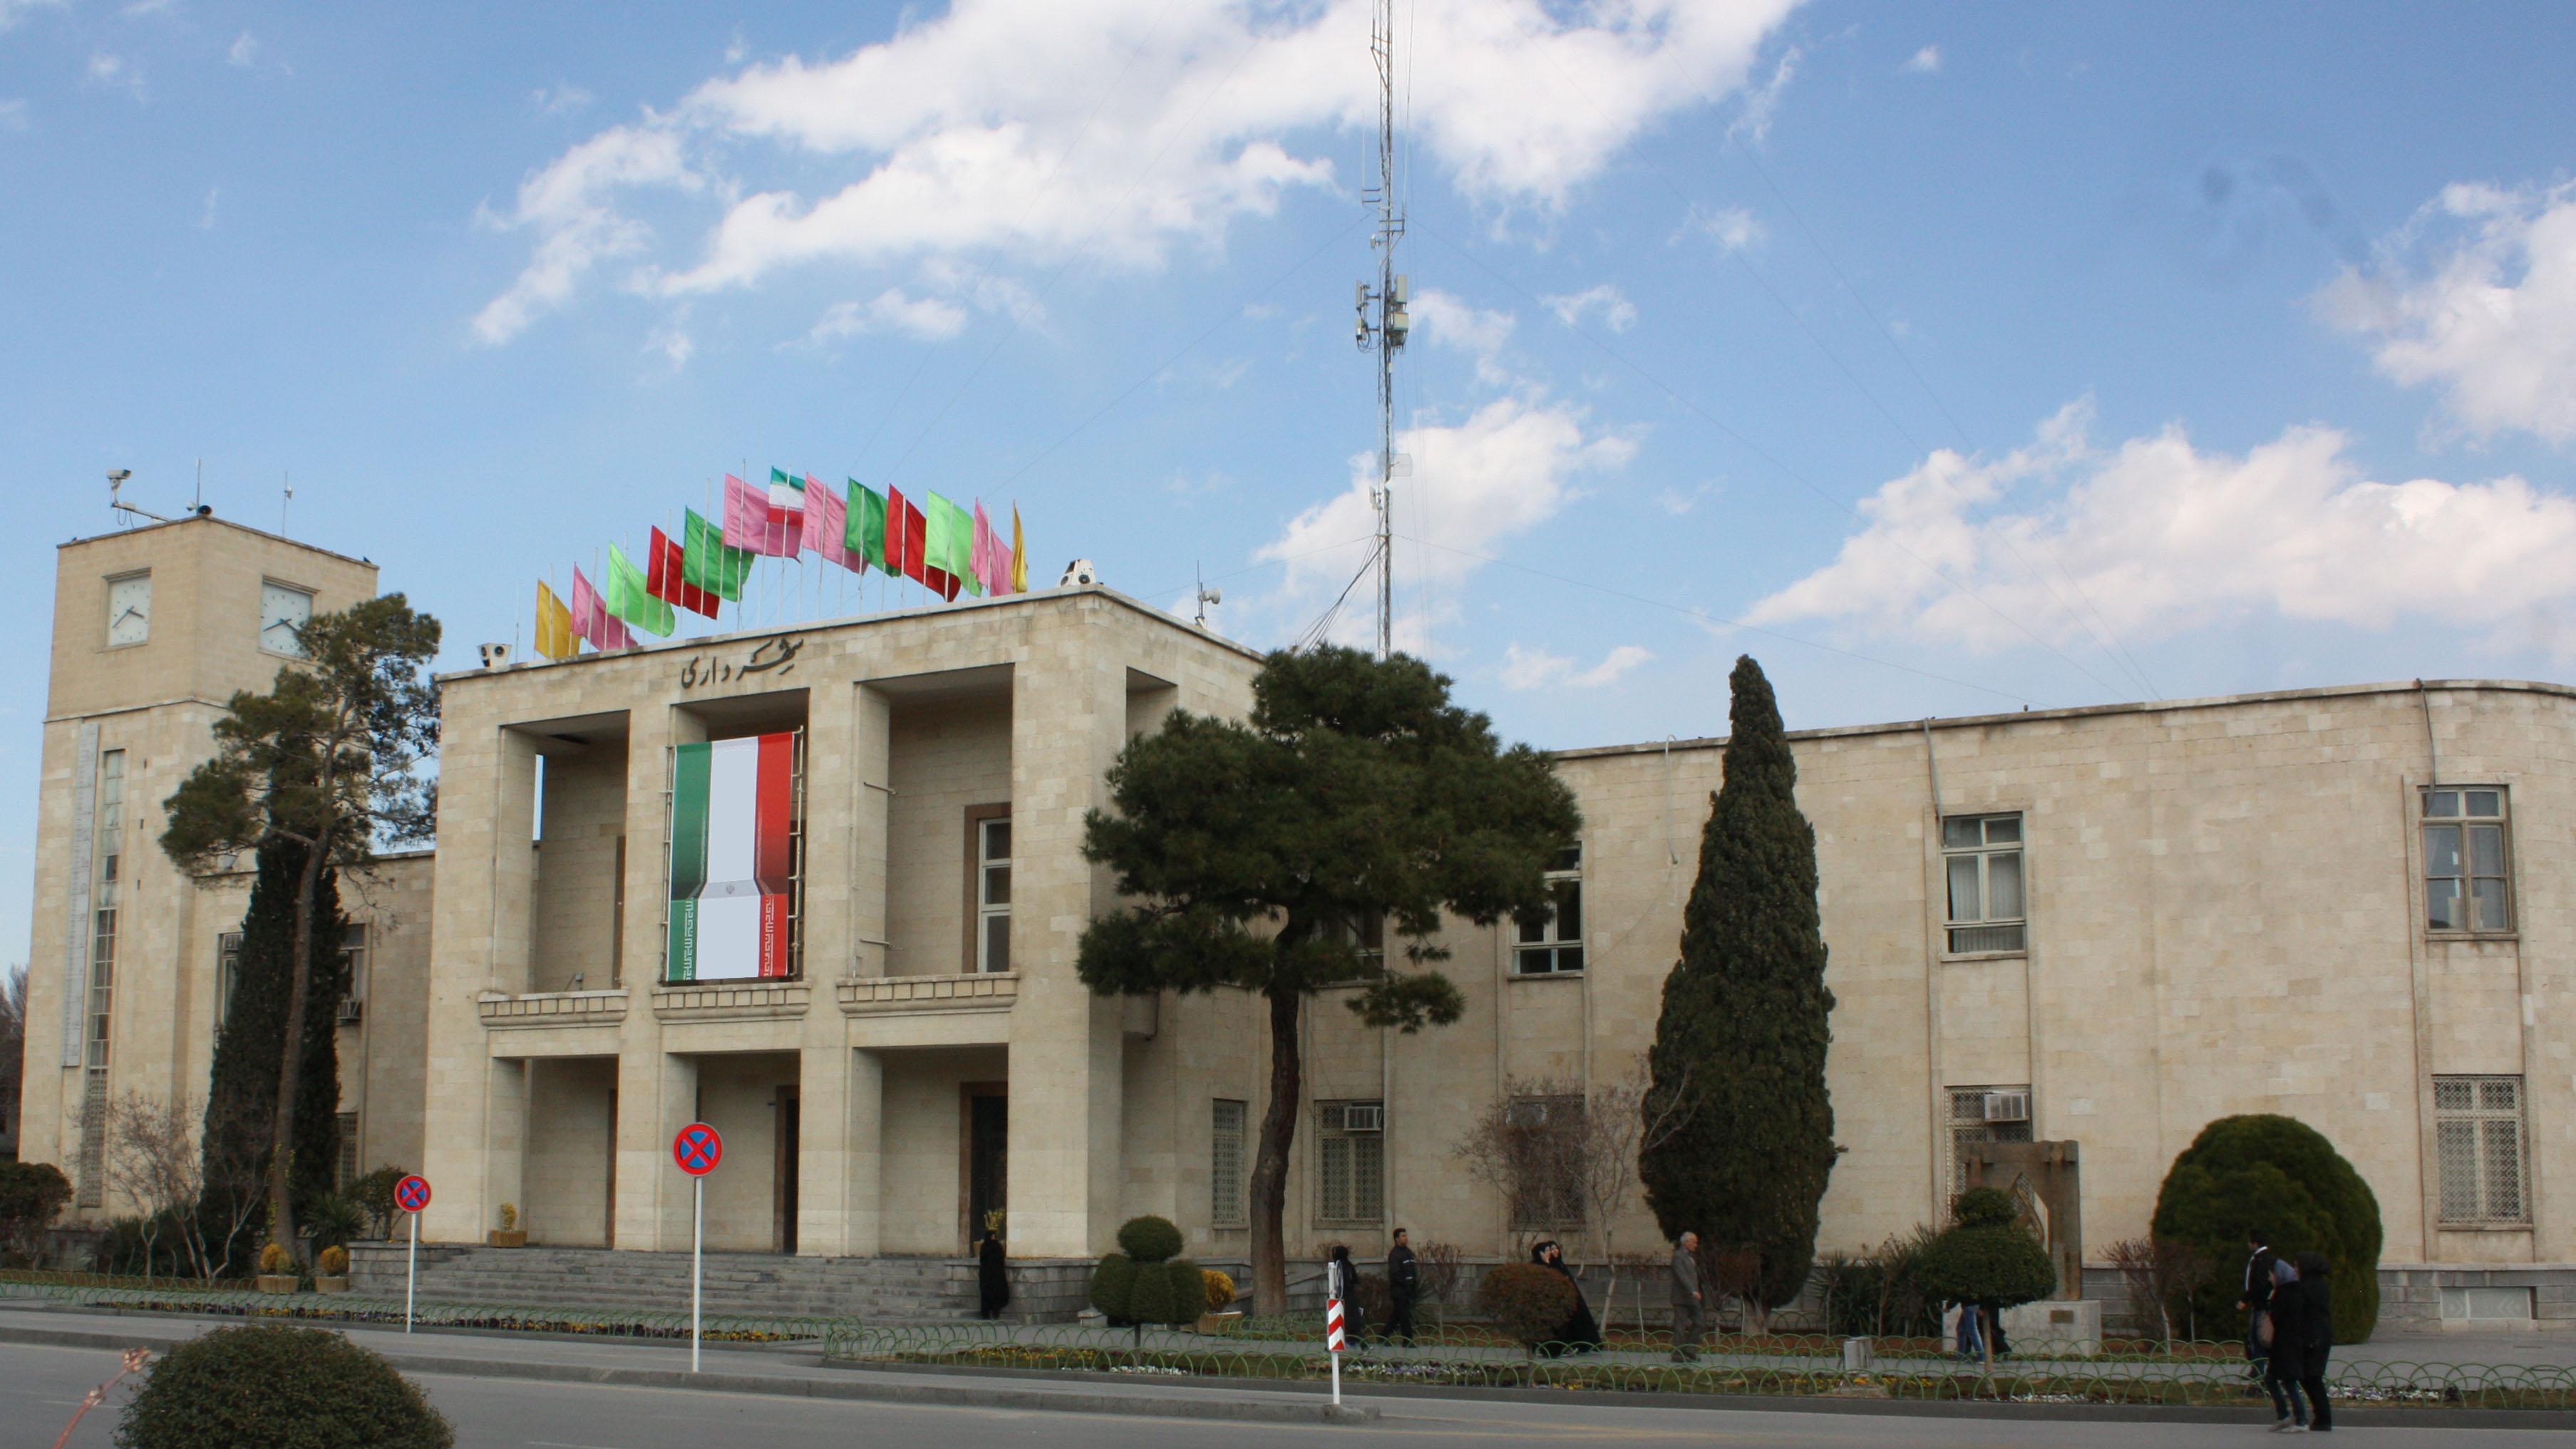 ناکجاآباد دستنیافتنی! ؛ نقدی بر برنامهریزی شهری اصفهان